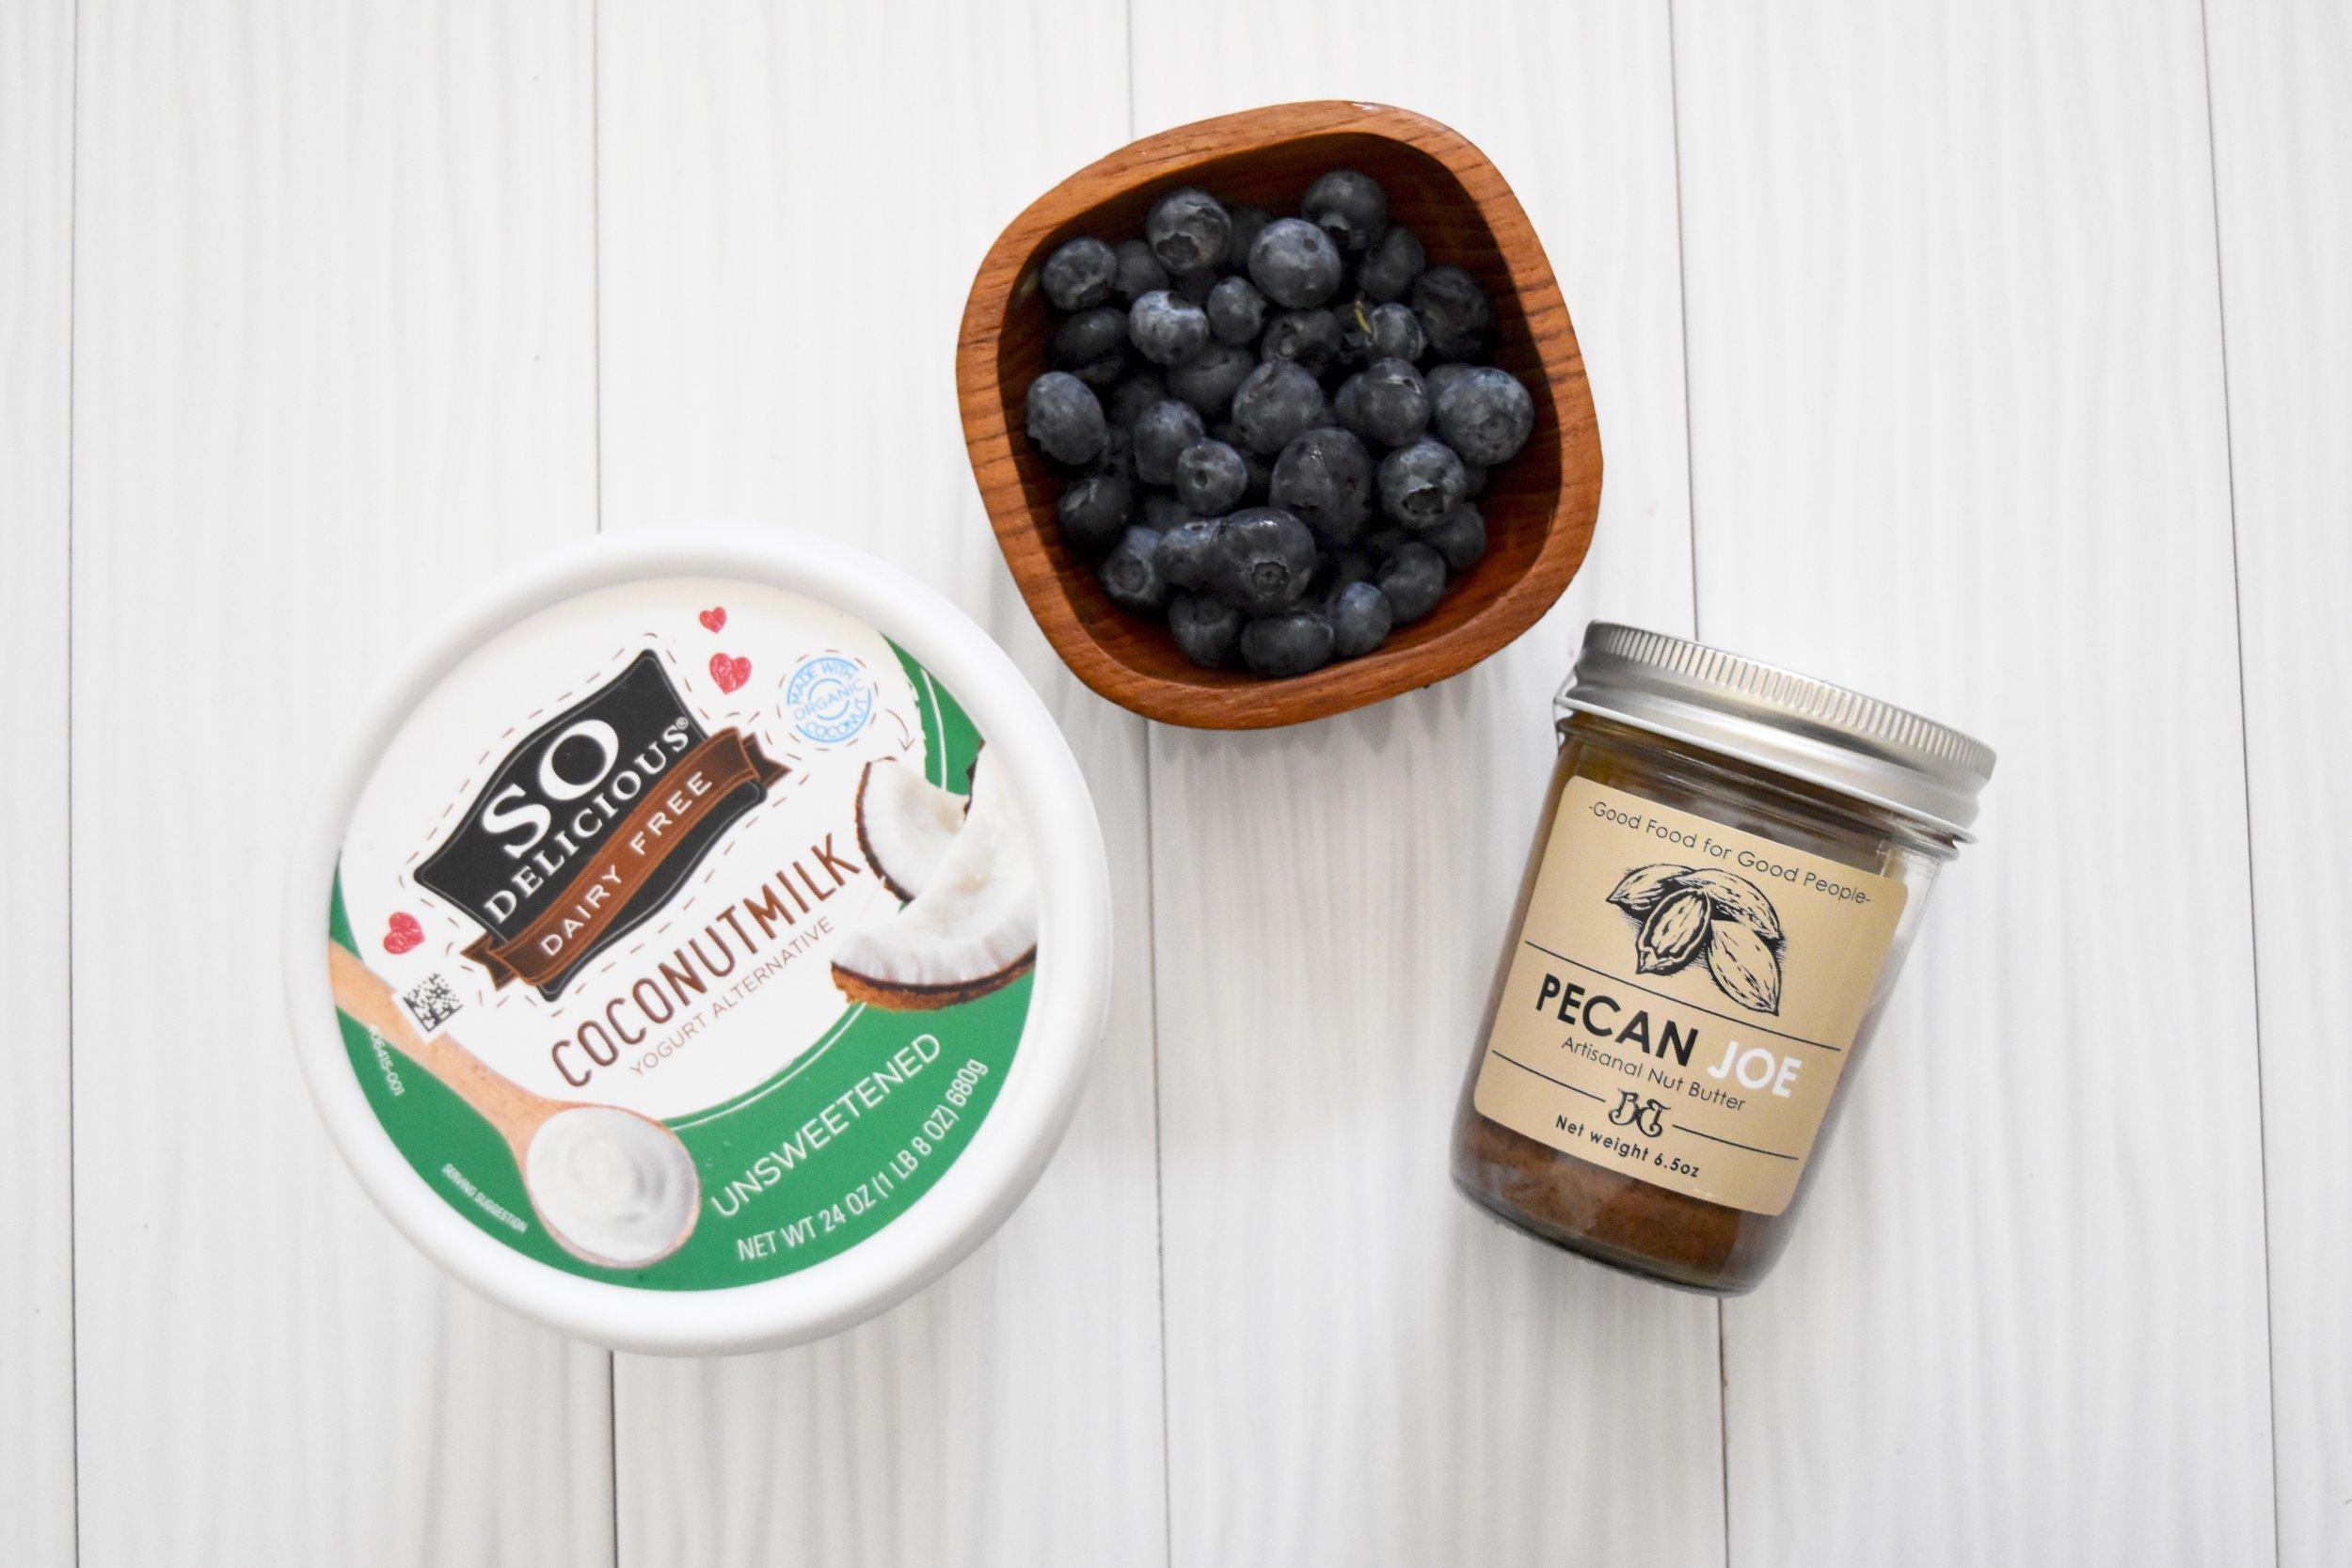 Healthy-organic-pecan-butter-peanut-butter-alternative.jpg